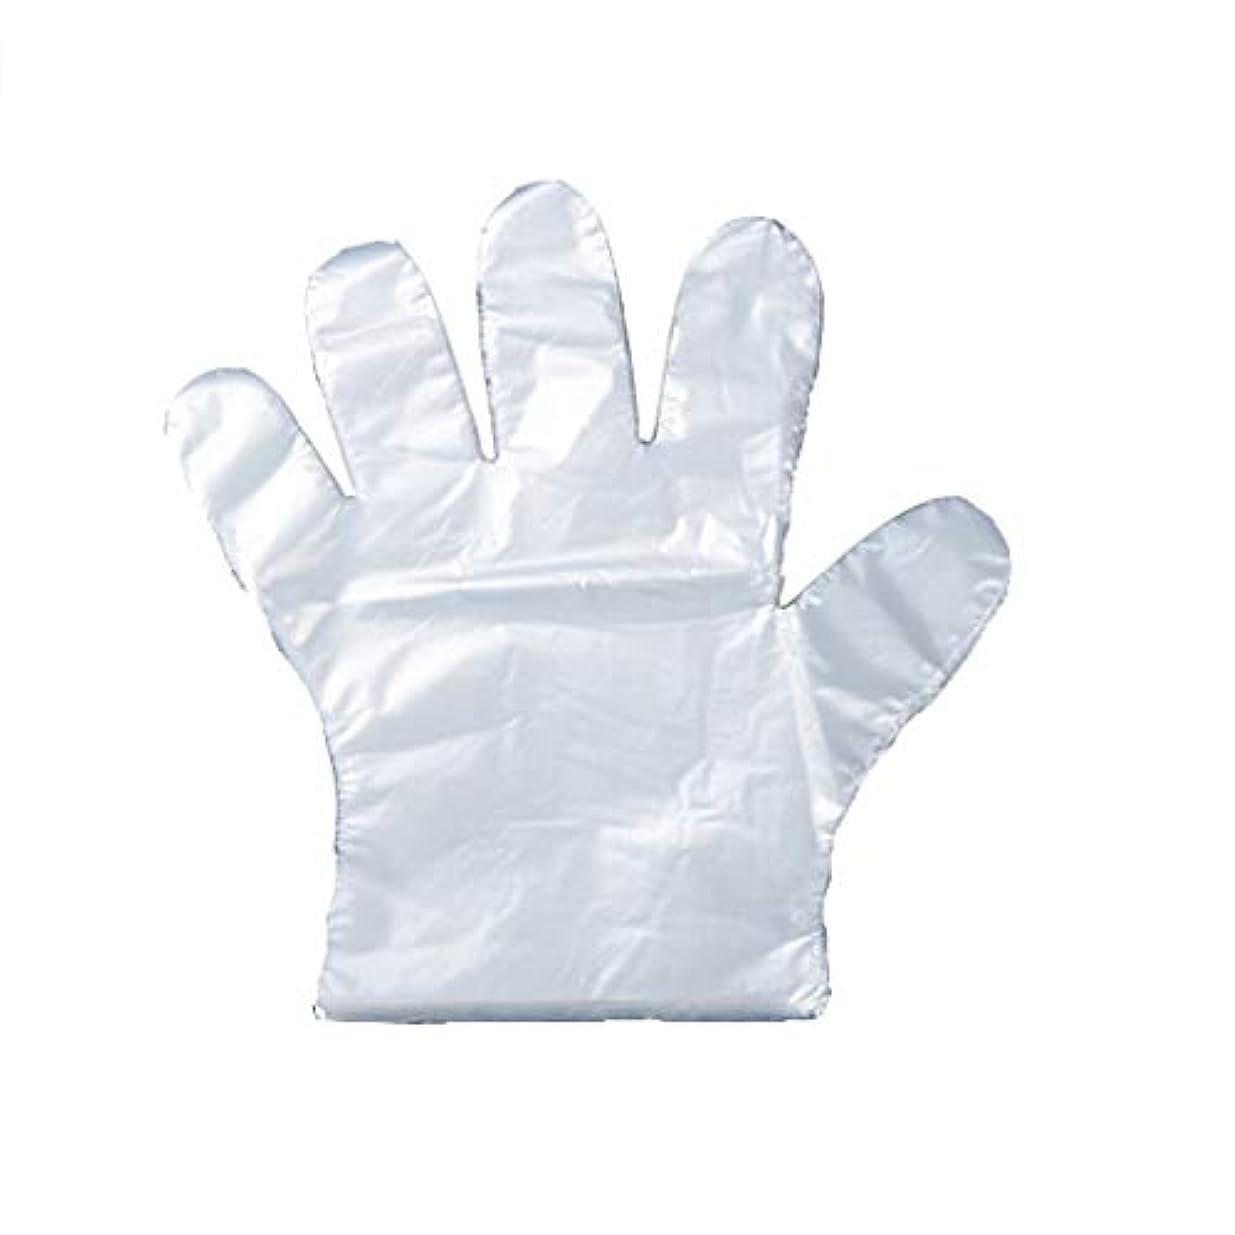 グレー然とした関係ない手袋の使い捨て手袋のフィルム家庭用キッチンの食品は、透明PEプラスチック手袋100パッケージを厚くした (UnitCount : 200)